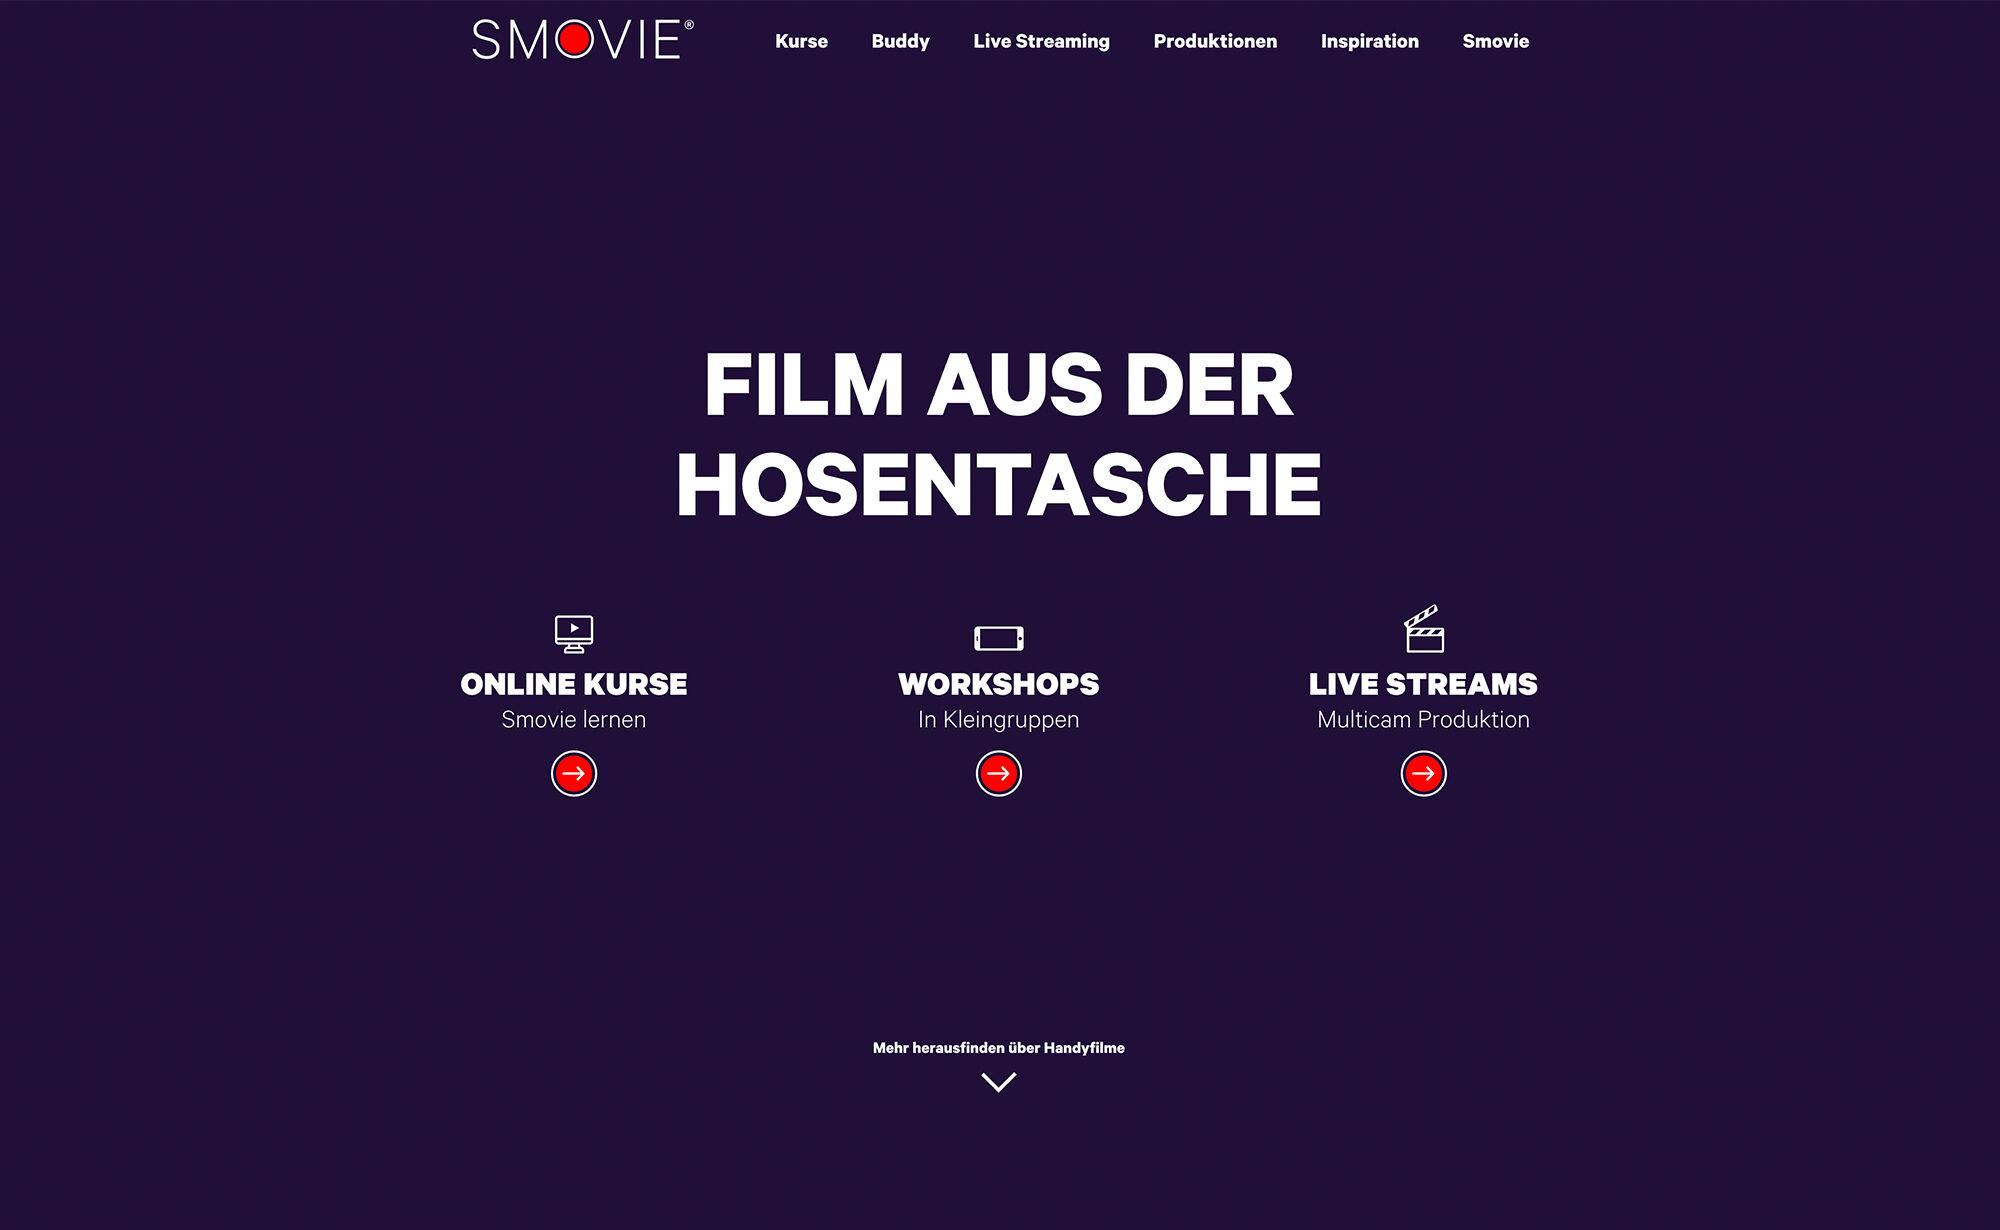 Film aus der Hosentasche, Screenshot Website - Smovie Film GmbH, smovie.ch